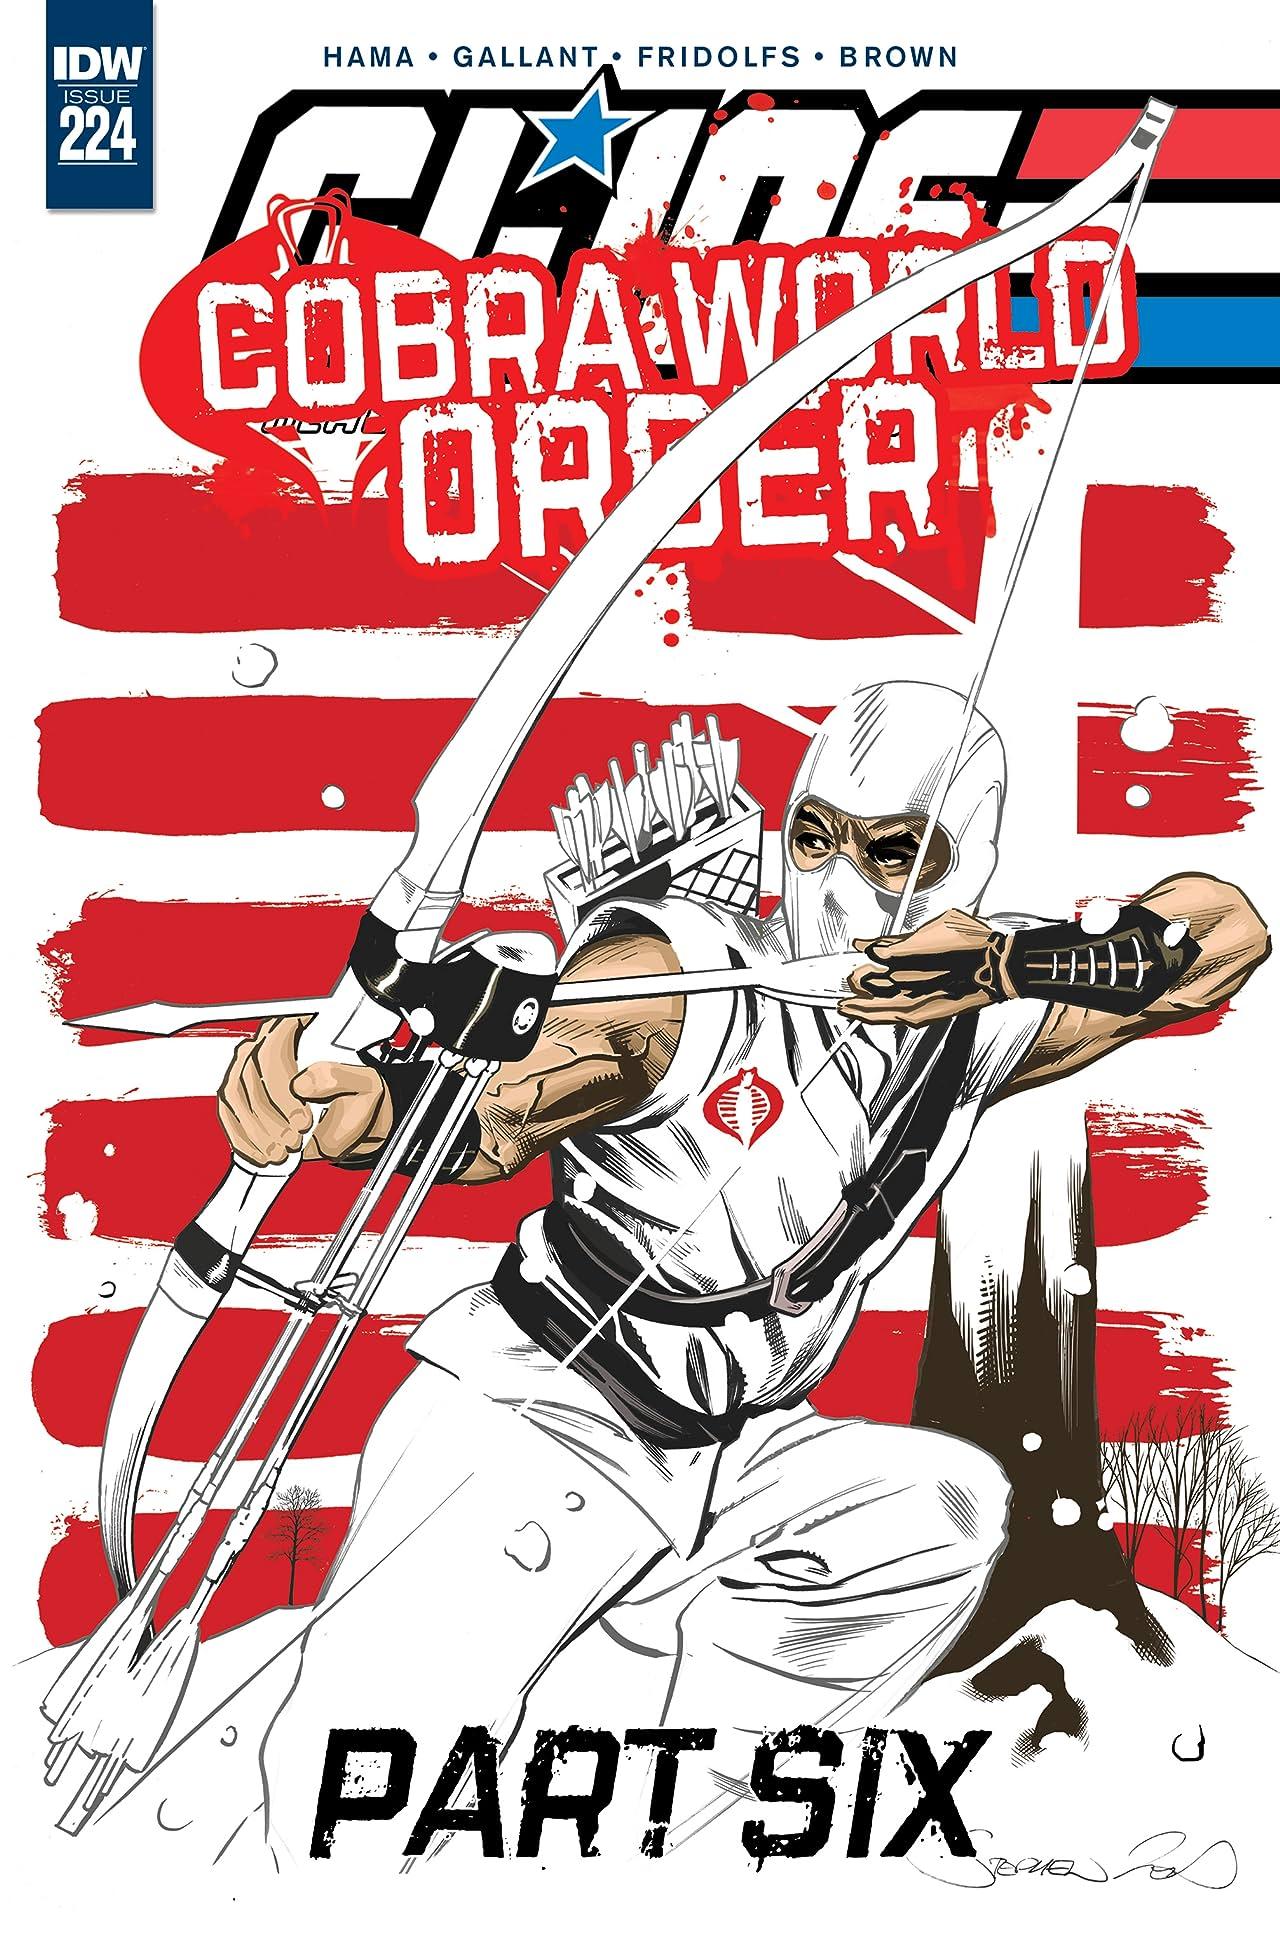 G.I. Joe: A Real American Hero #224